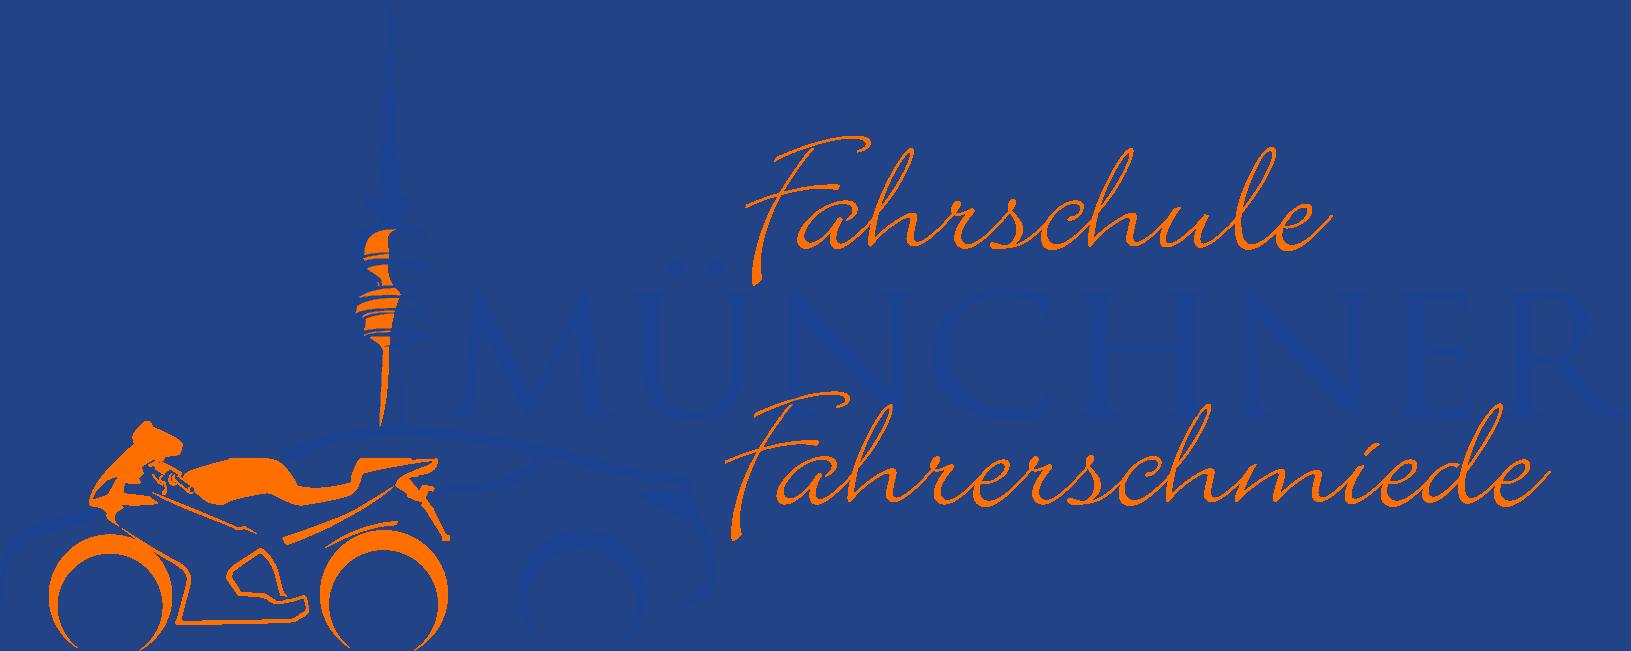 Münchner Fahrerschmiede